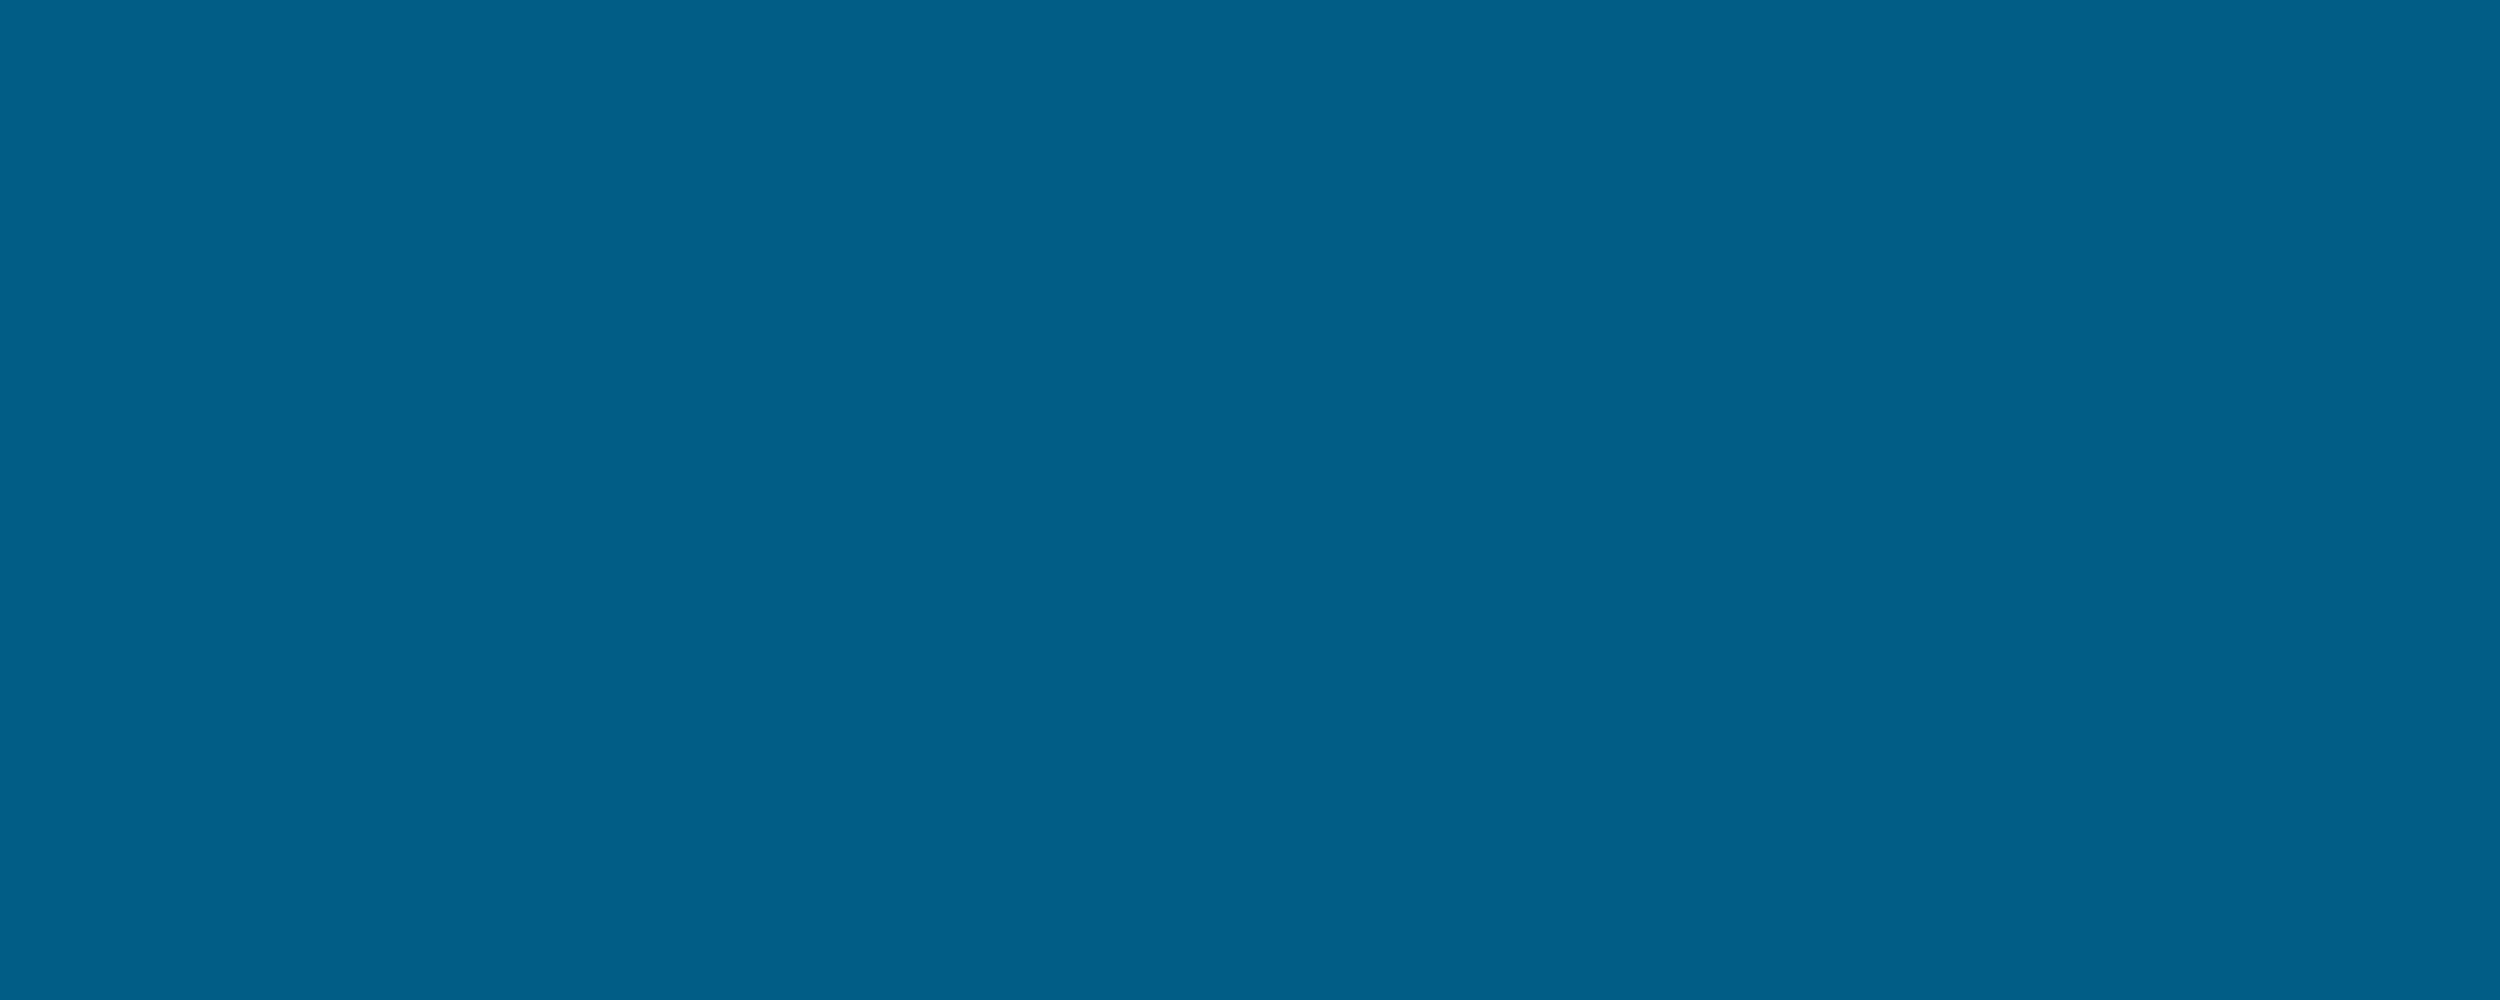 CFS_Blue_Back